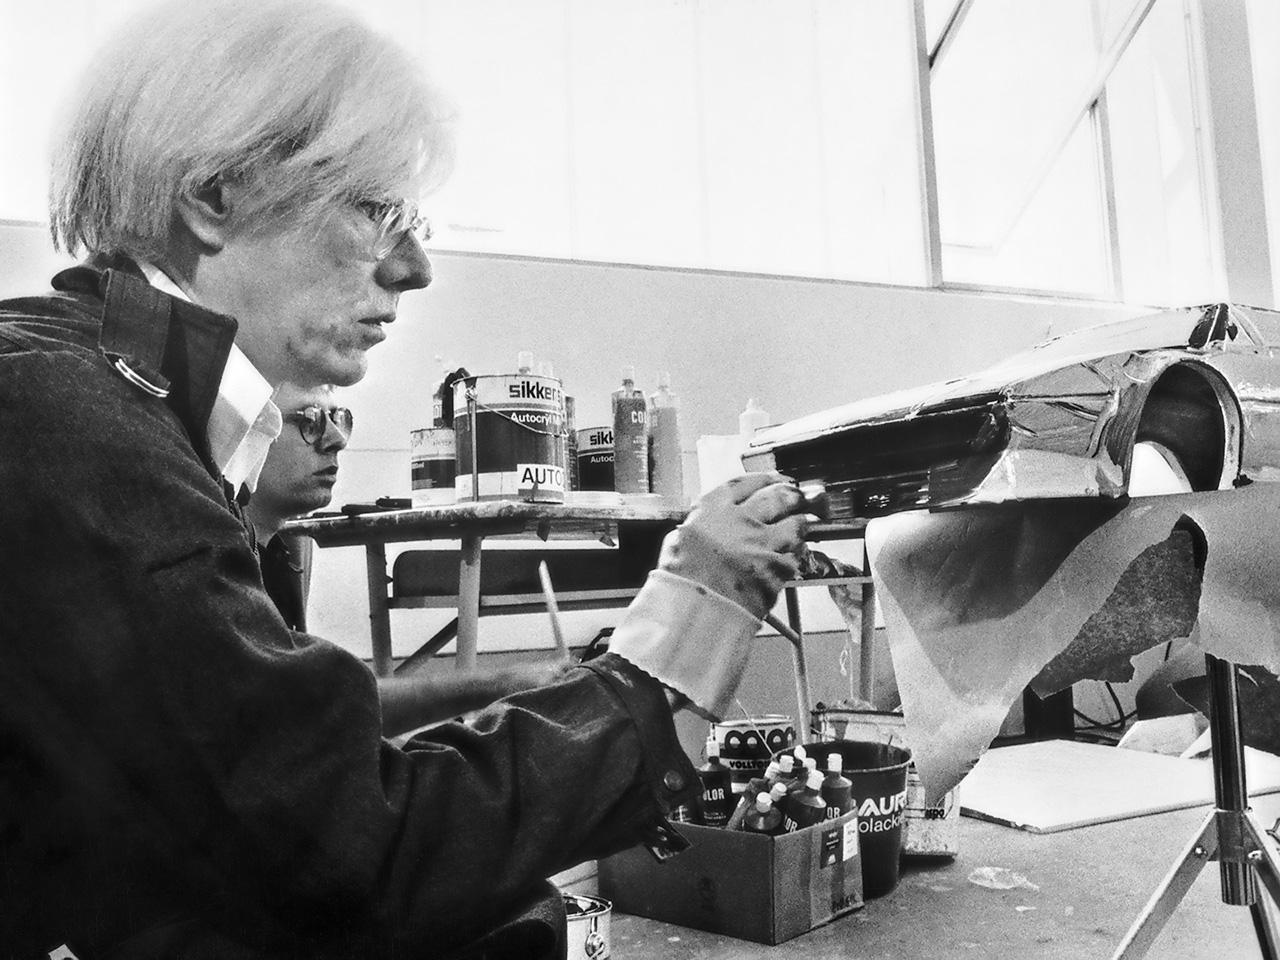 1979-BMW-M1-Art-Car-by-Andy-Warhol-Andy-Warhol-1280x960